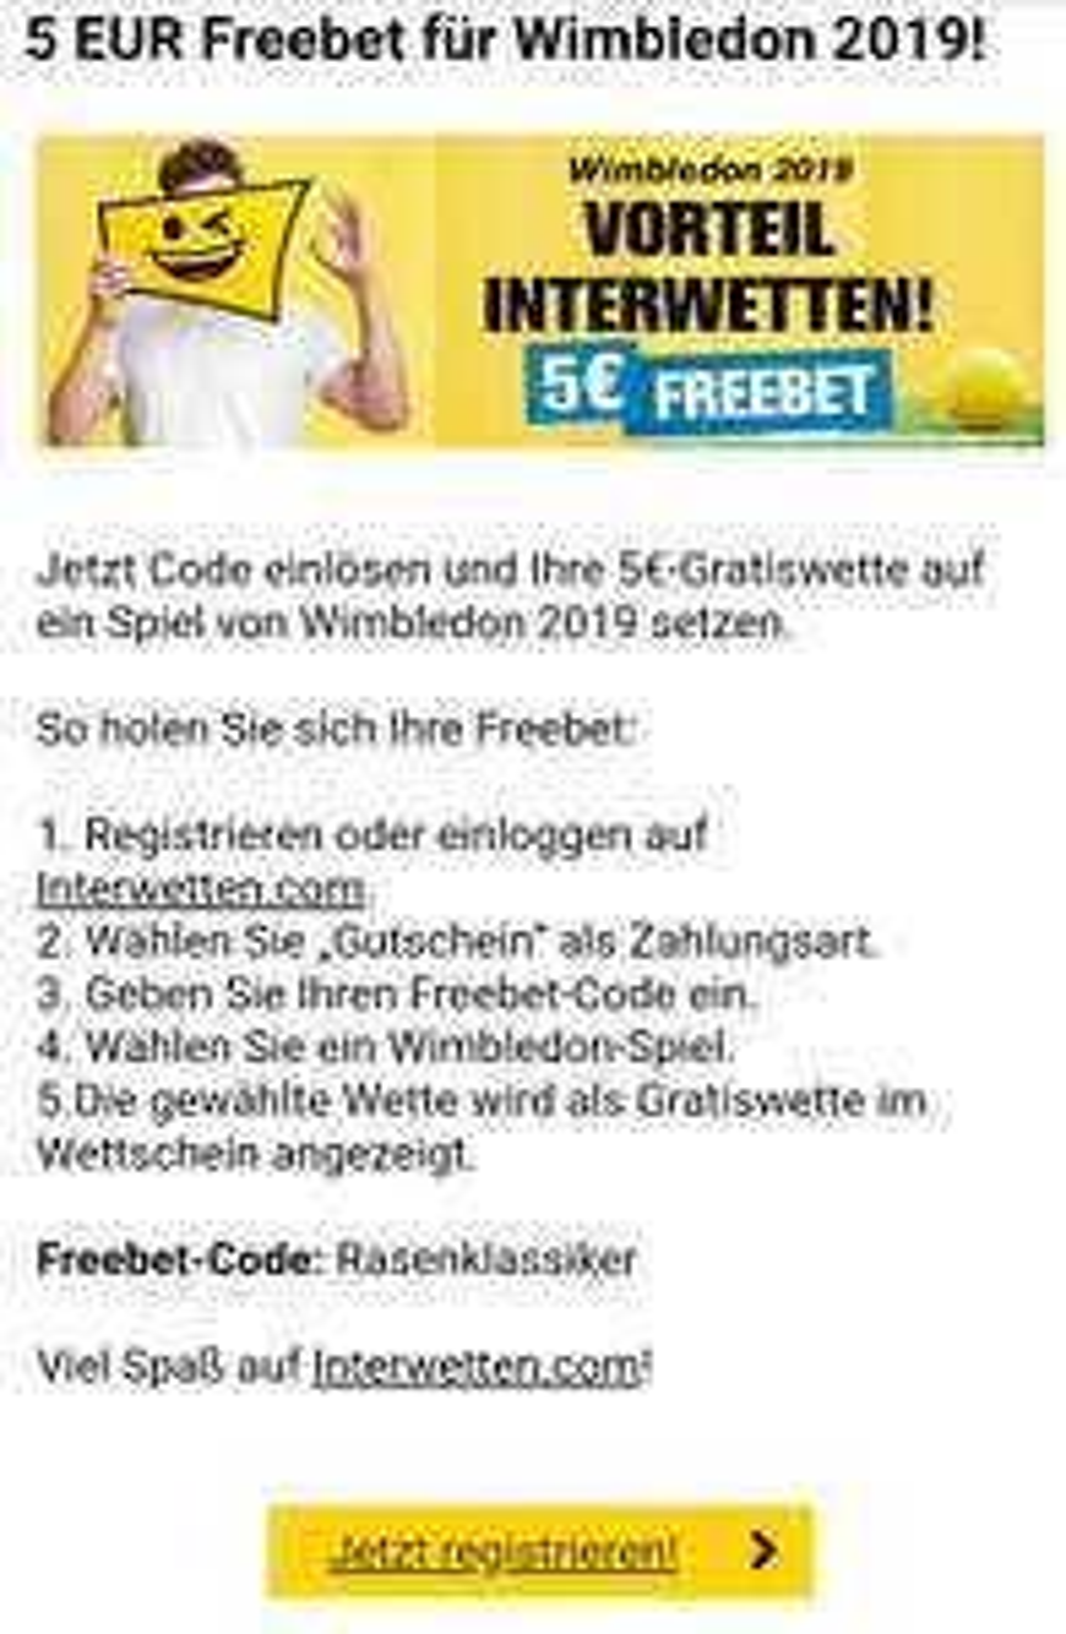 Interwetten 5€ Freebet für Wimbledon